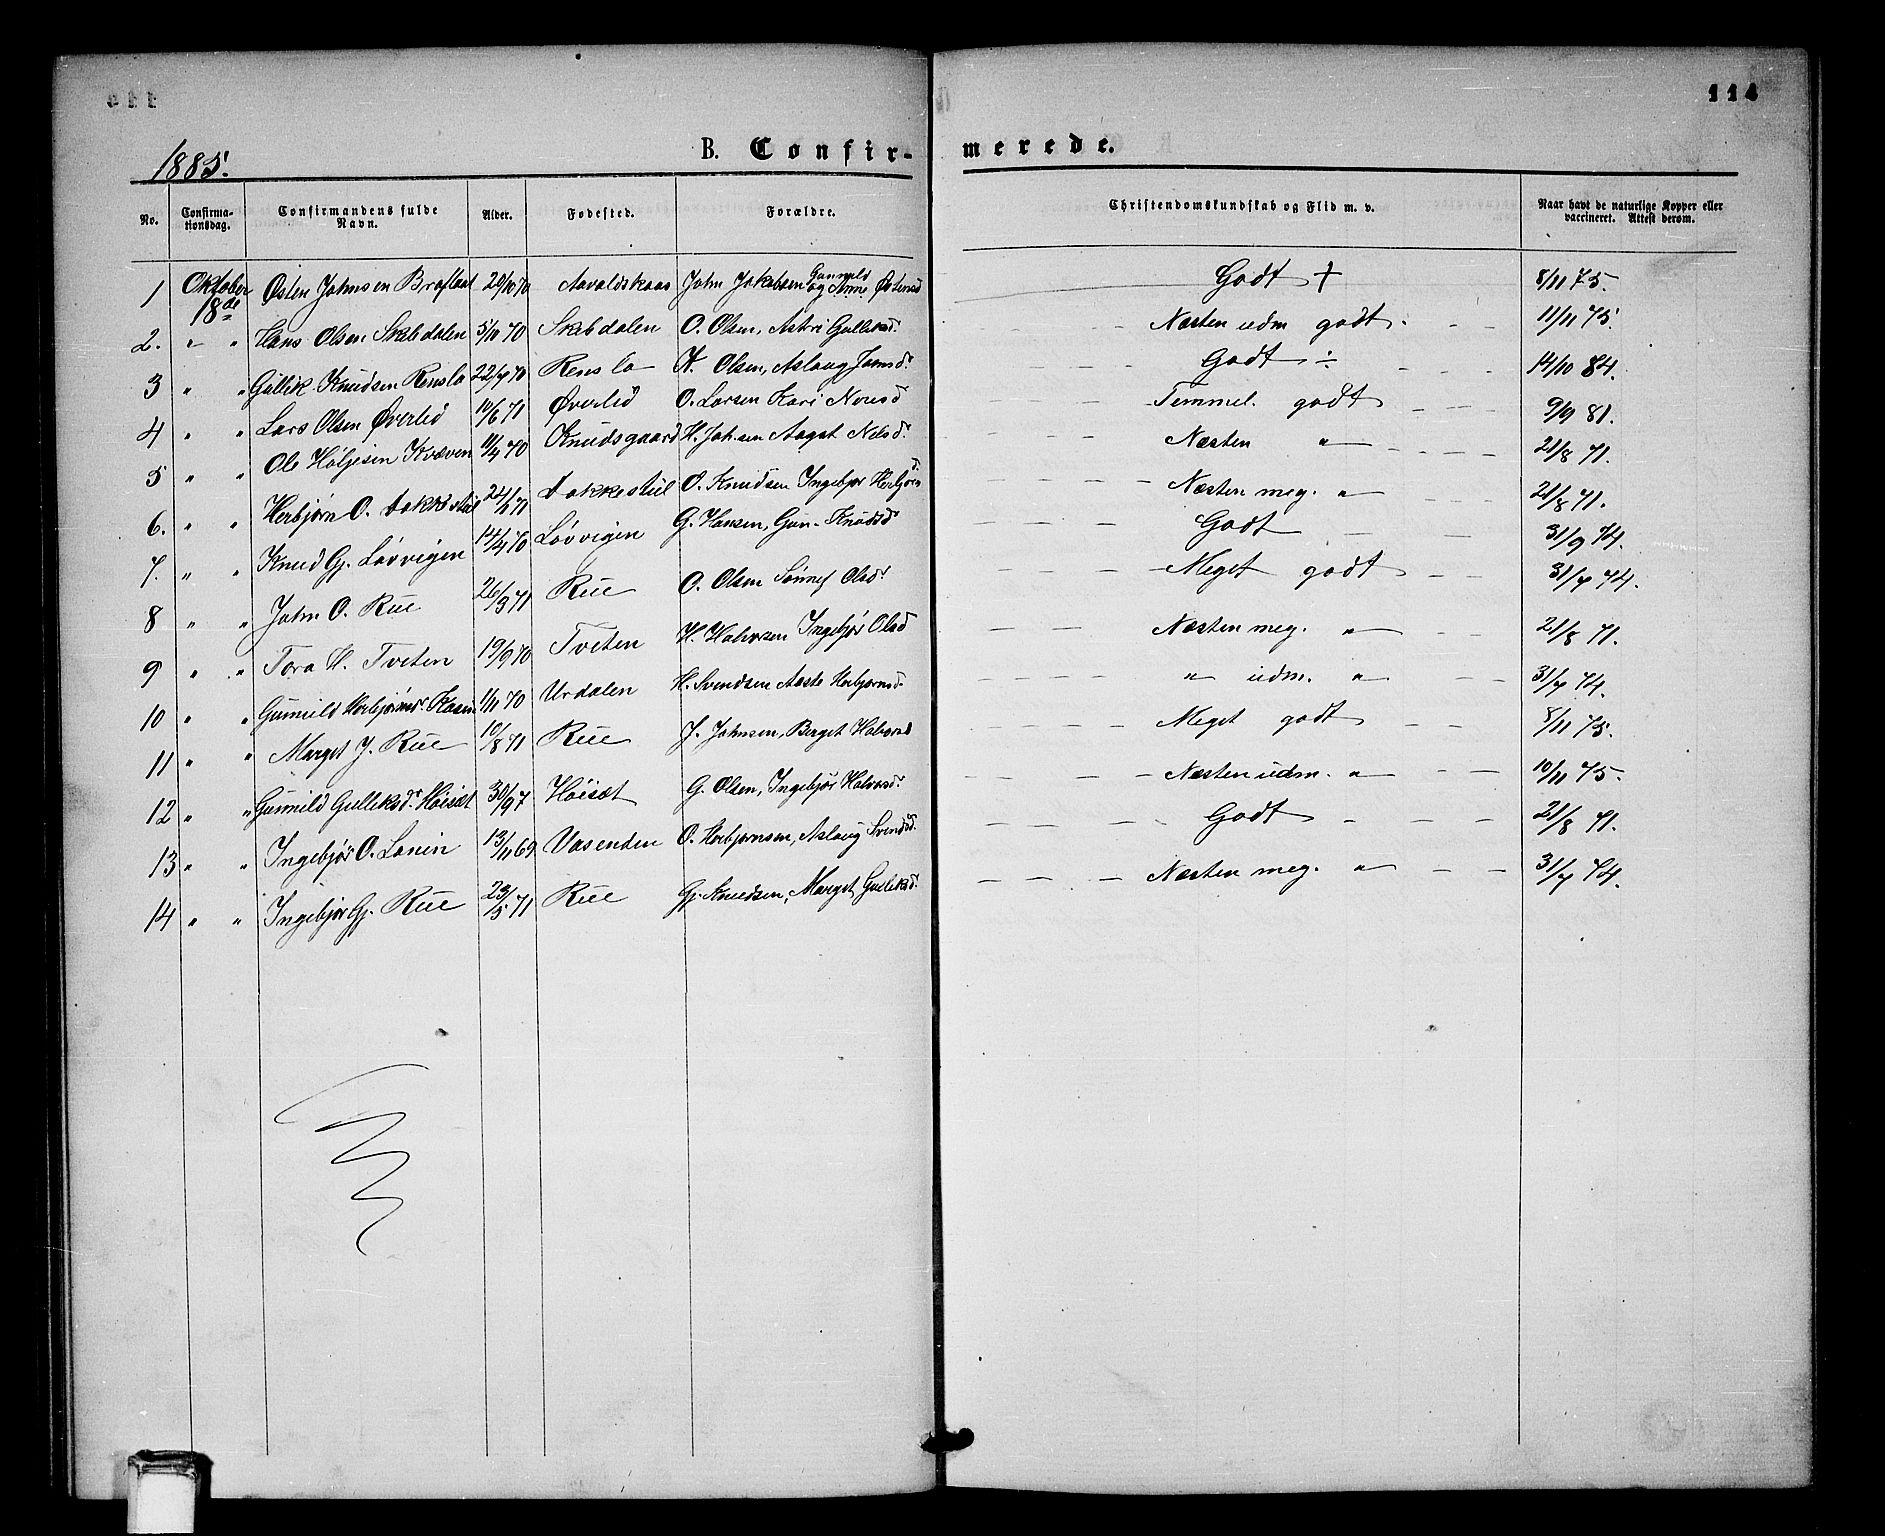 SAKO, Gransherad kirkebøker, G/Gb/L0002: Klokkerbok nr. II 2, 1860-1886, s. 114